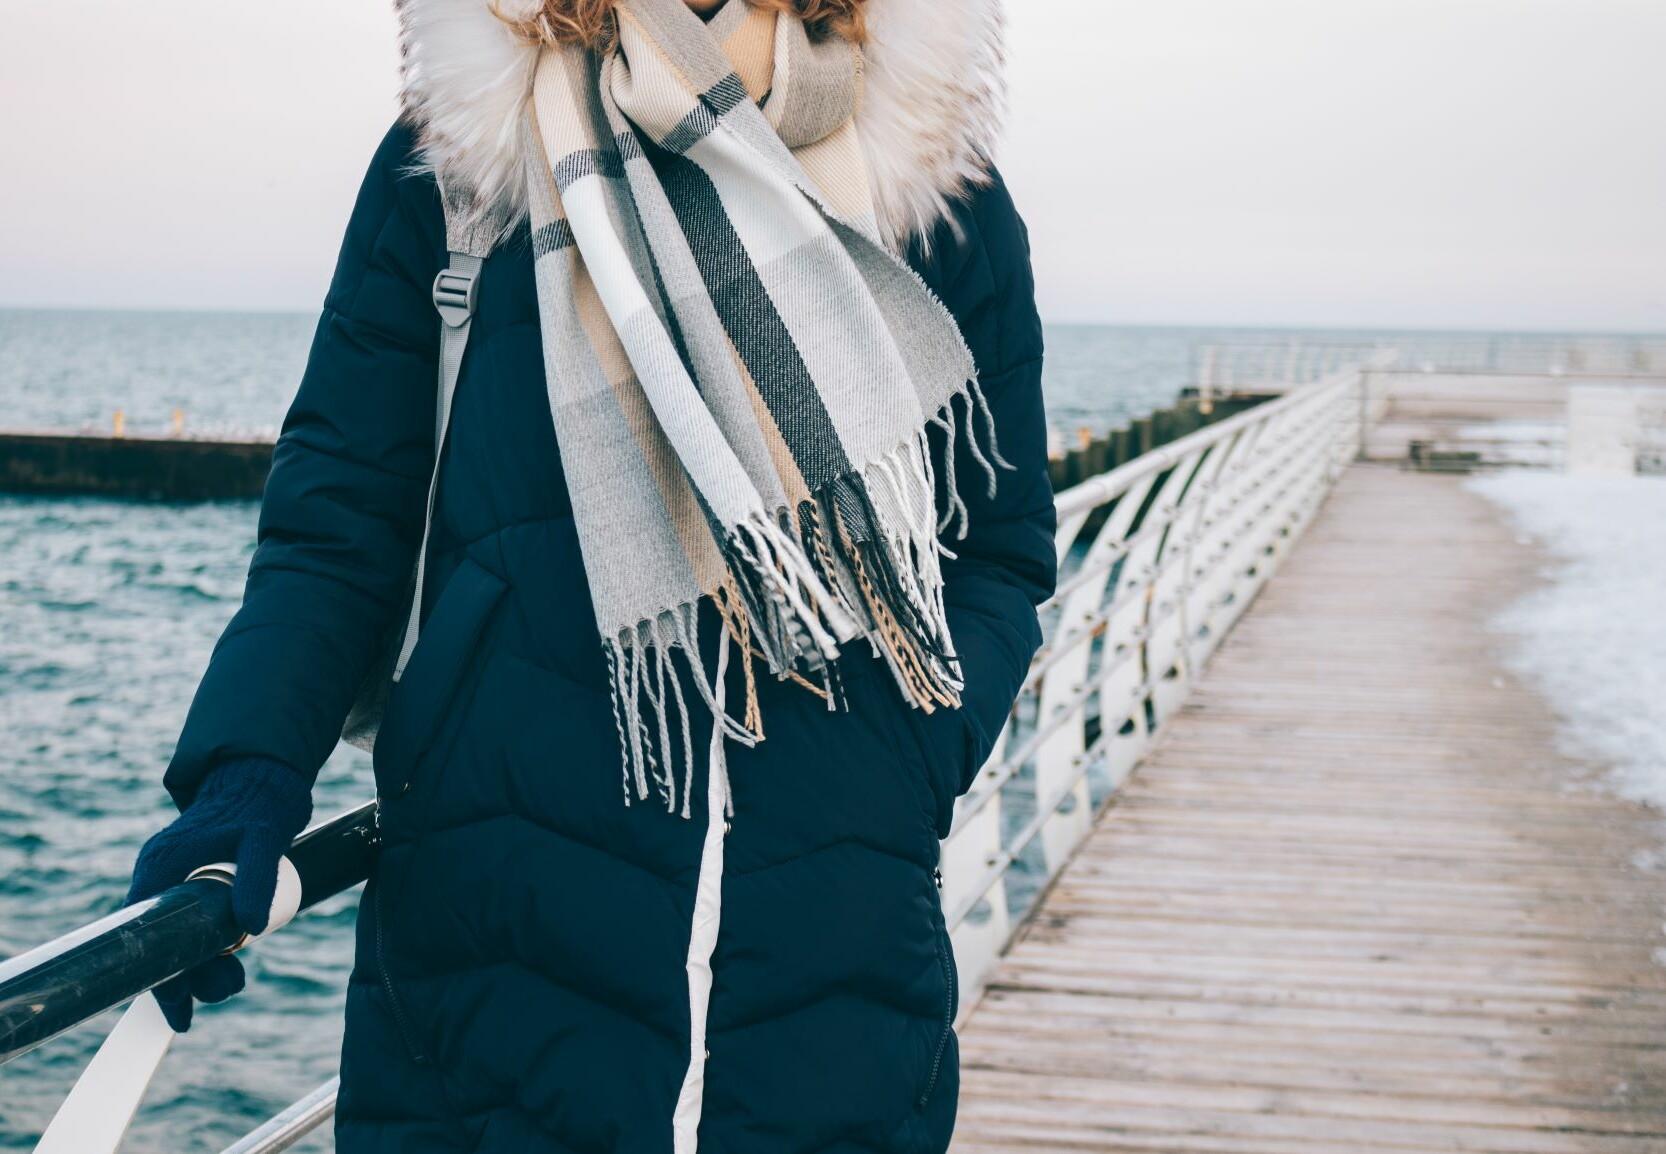 Woman wearing fur trim coat